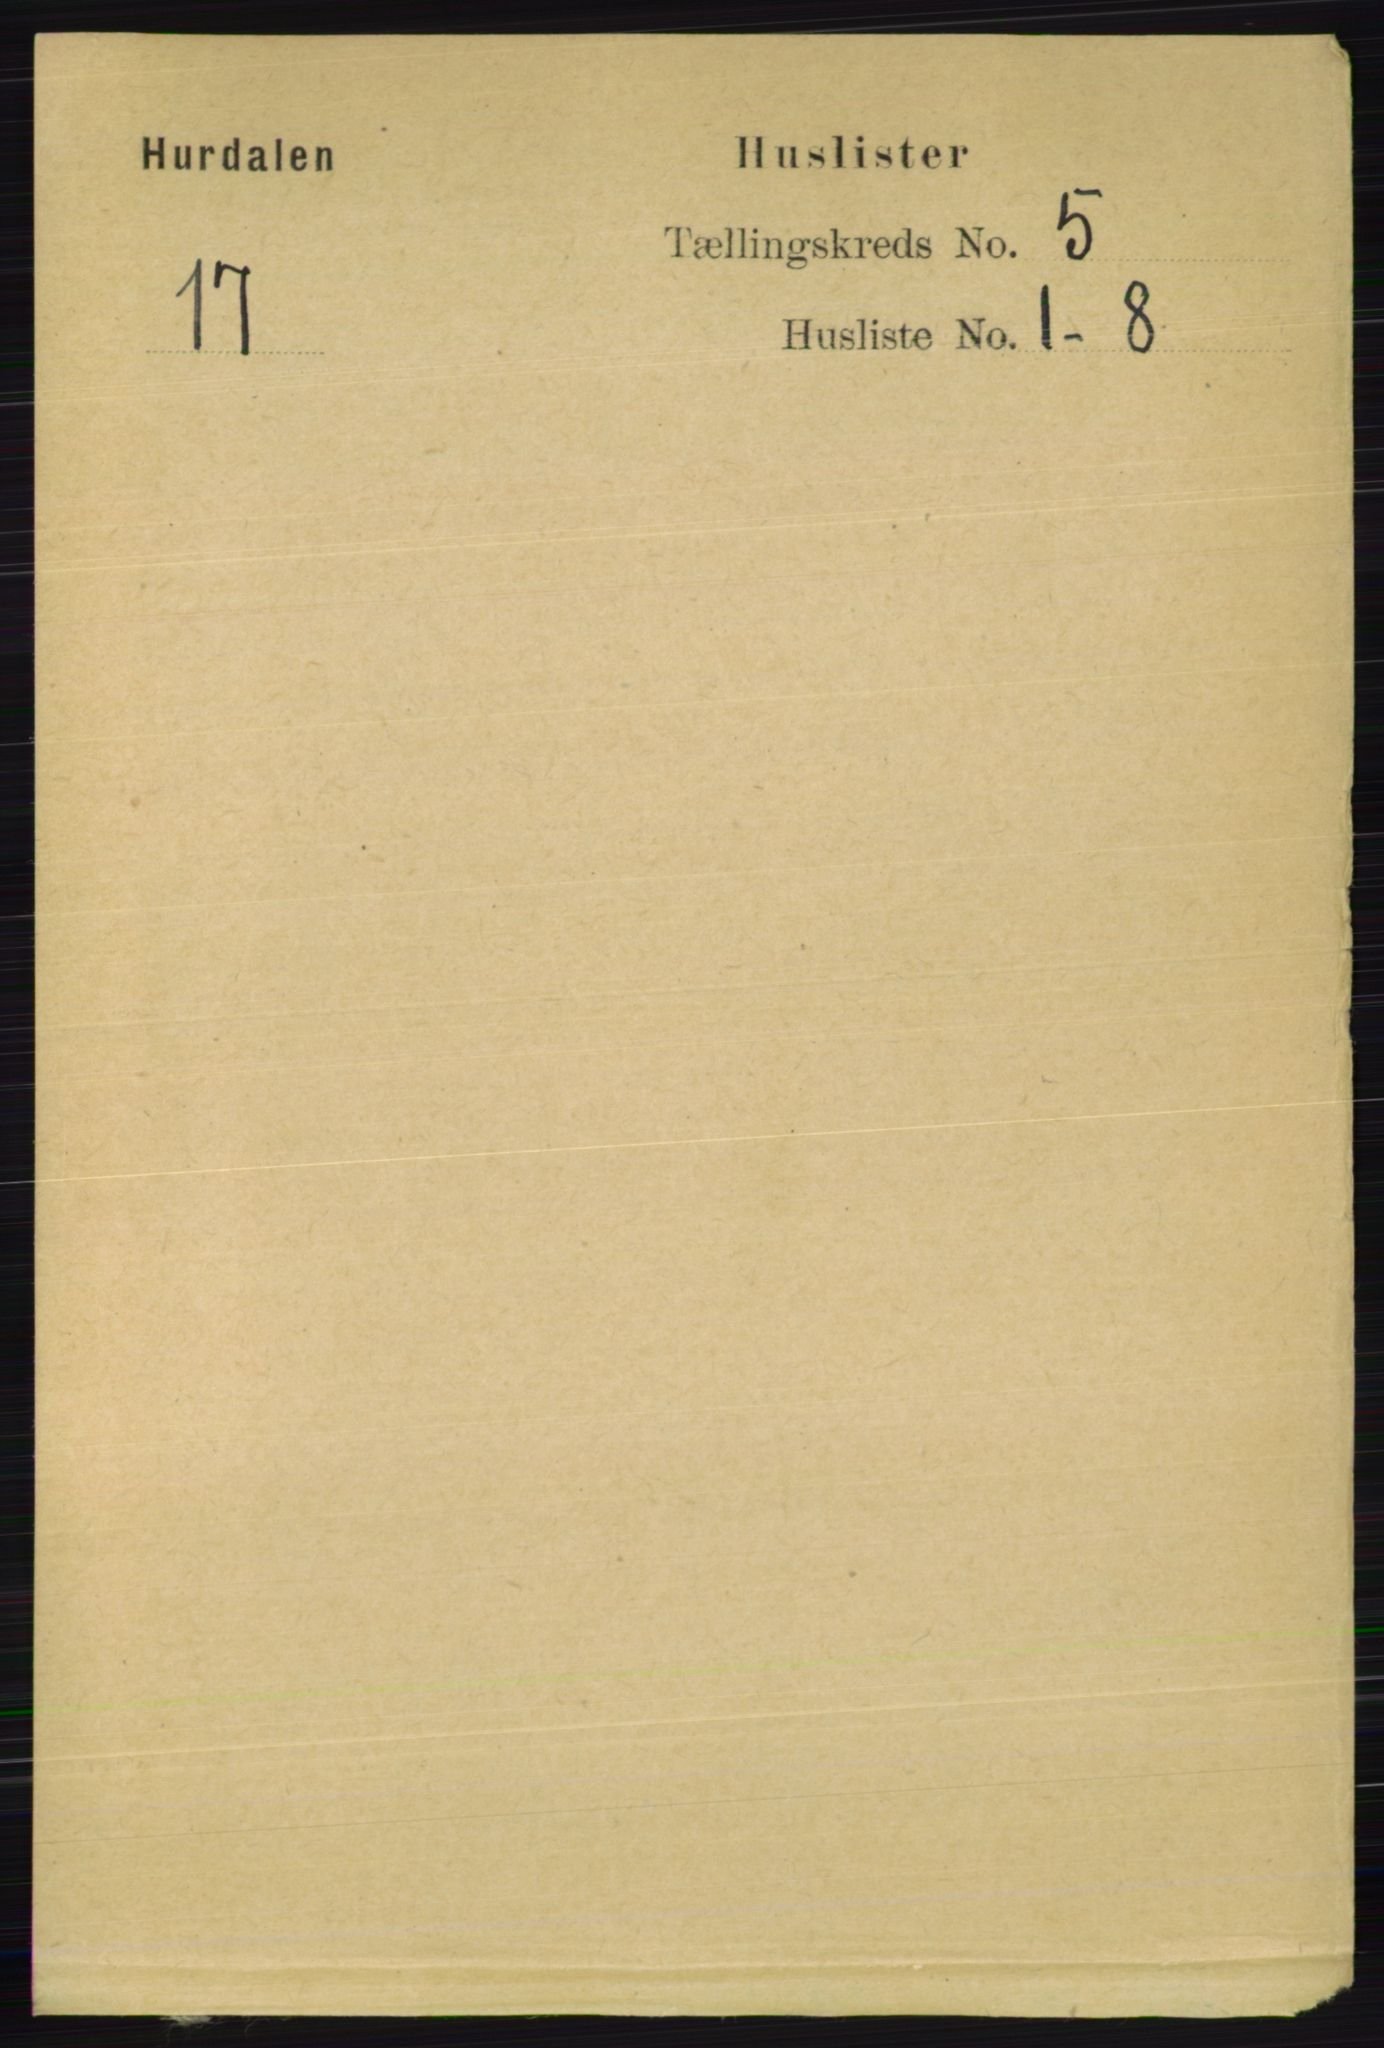 RA, Folketelling 1891 for 0239 Hurdal herred, 1891, s. 2007